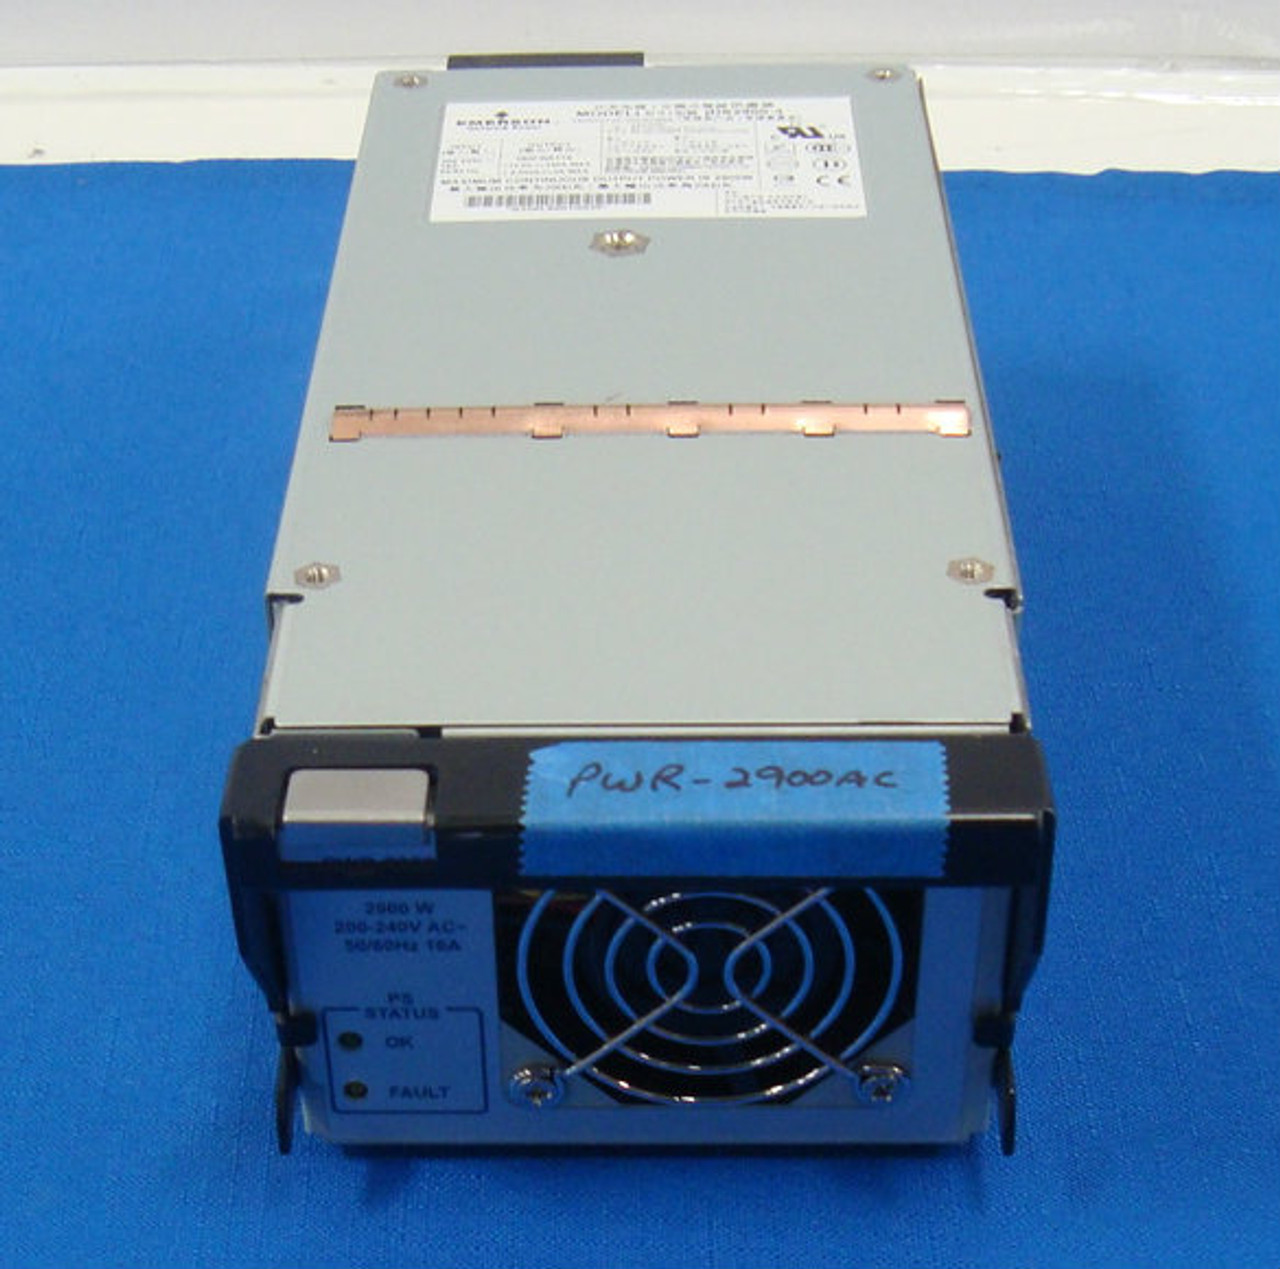 Arista DCS-7508 PWR-2900AC 2900 W power supply-DS2900-3